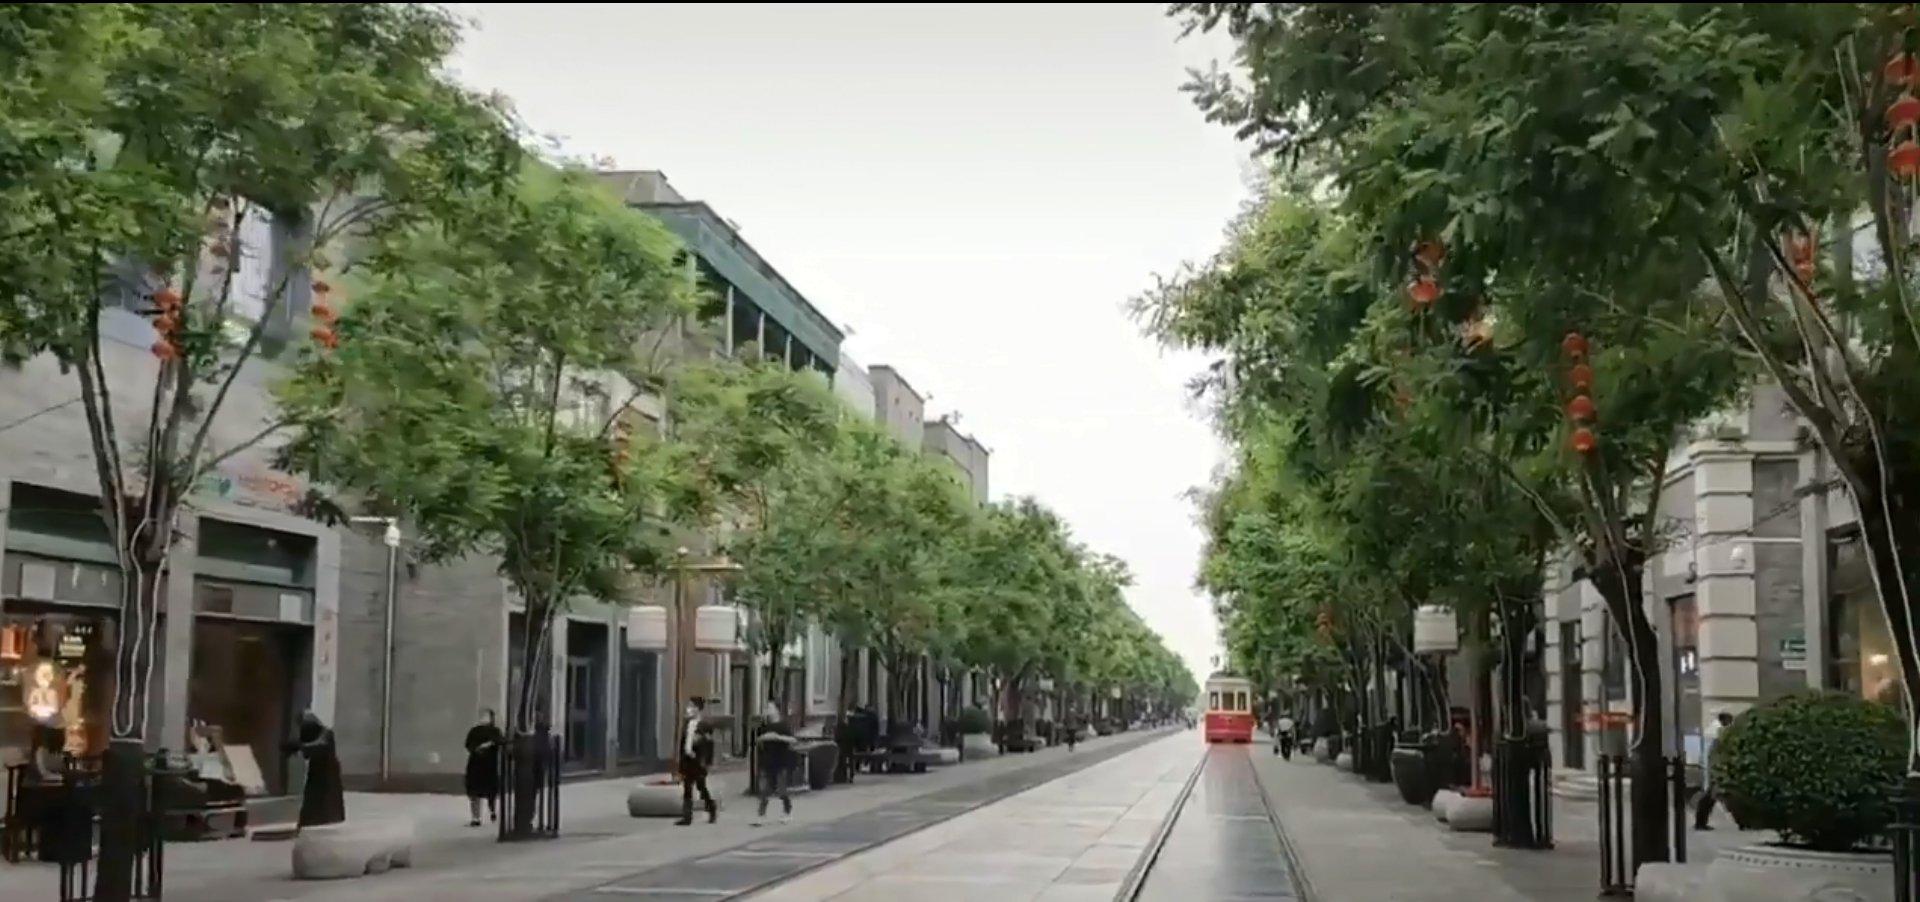 北京前門商業街人煙稀少(網路影片/影片截圖)